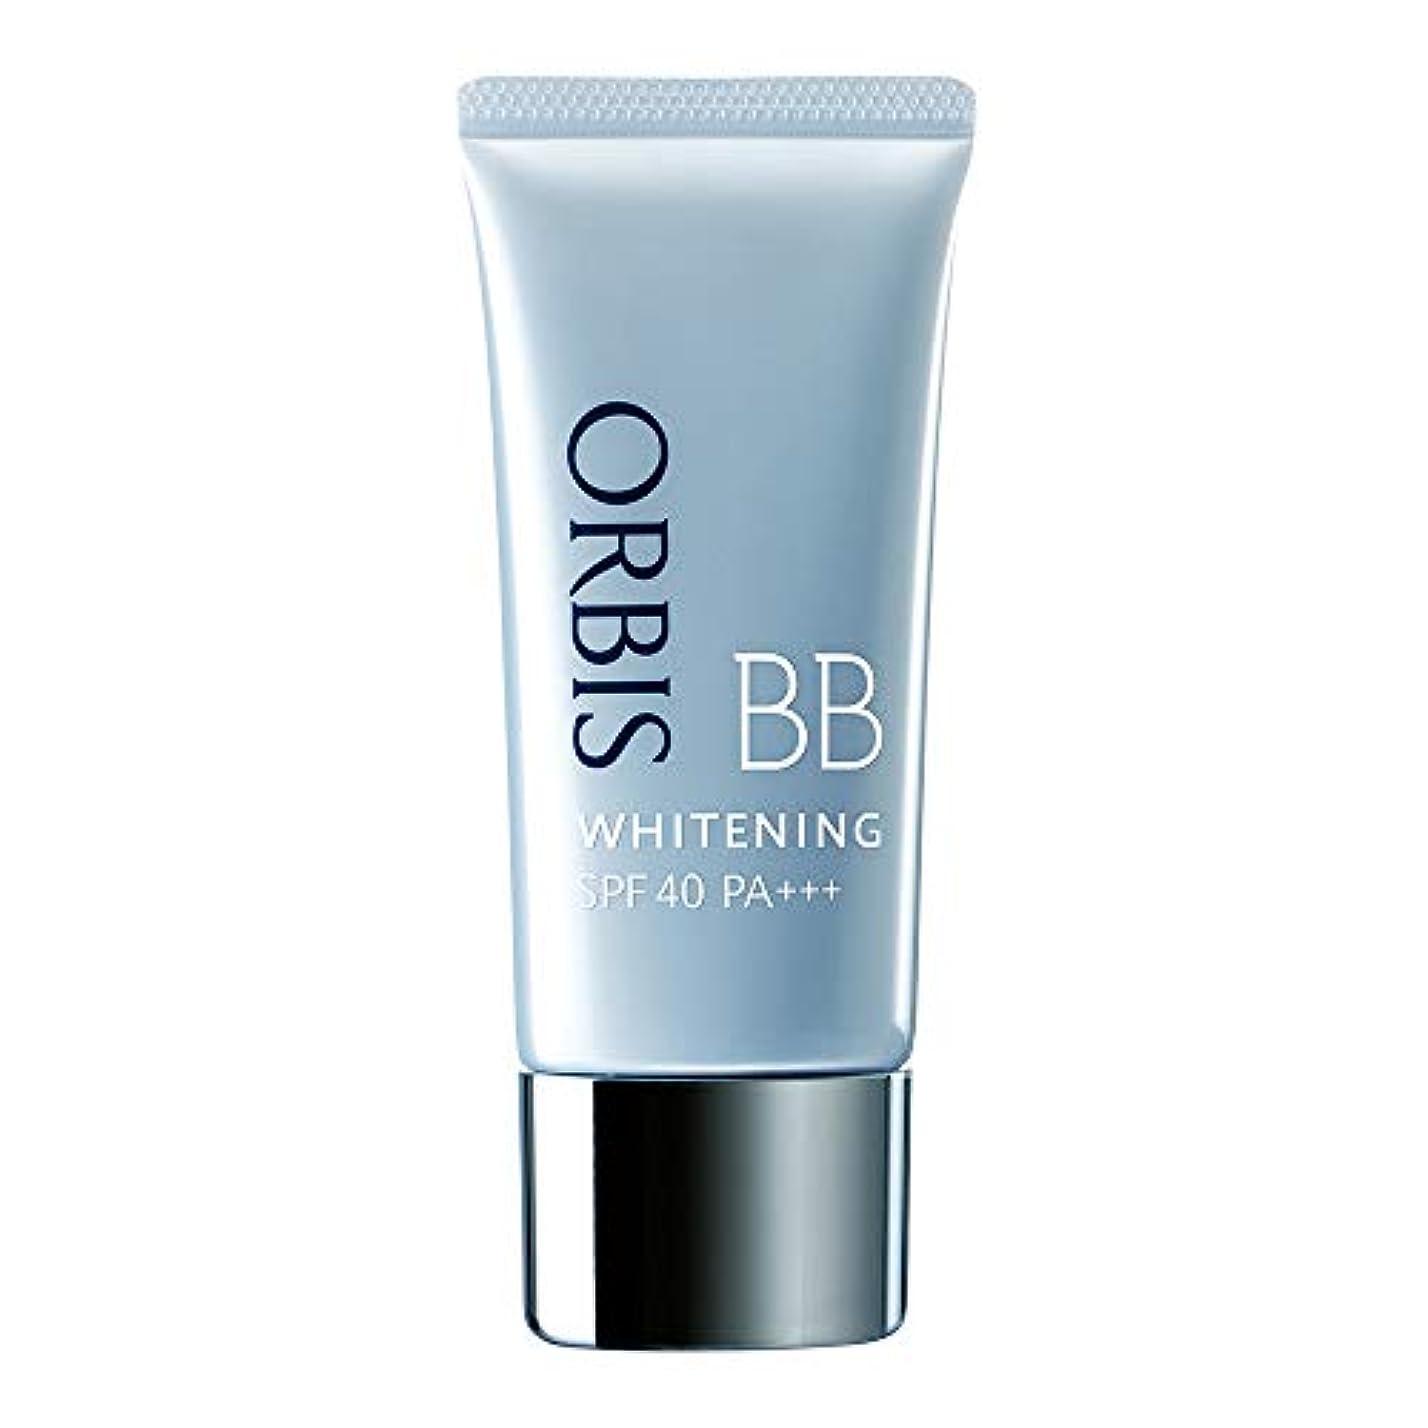 オルビス(ORBIS) ホワイトニングBB(パフなし)ナチュラル 35g SPF40/PA+++ ◎薬用美白BBクリーム◎ [医薬部外品]